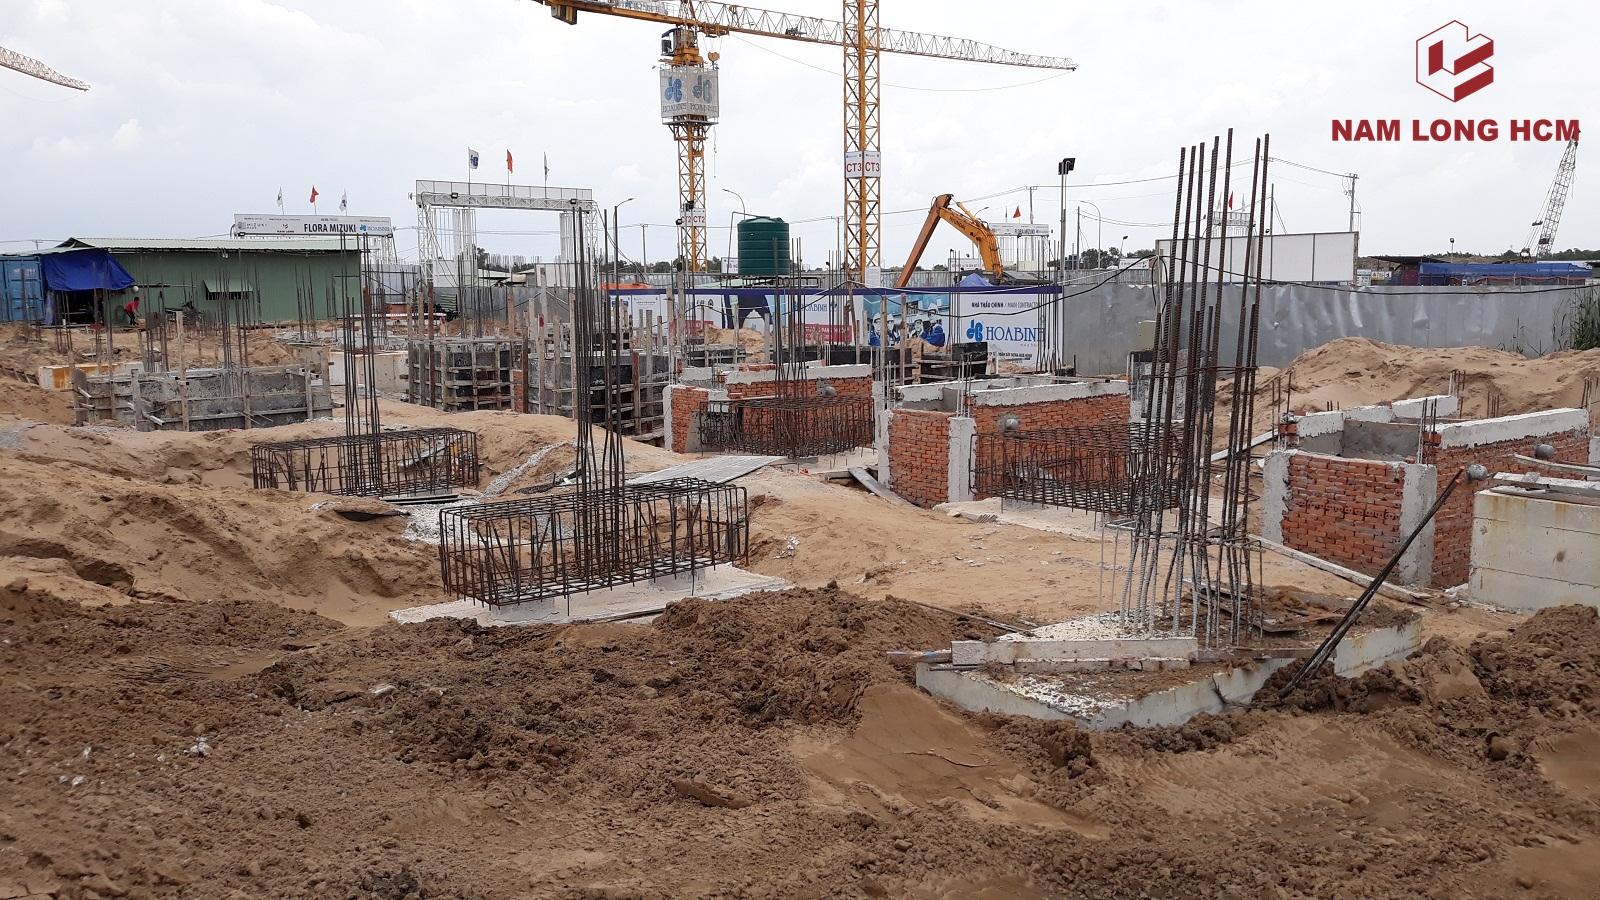 Tiến độ xây dựng nhà phố Valora Mizuki tháng 09/2018. Ảnh: Nam Long HCM